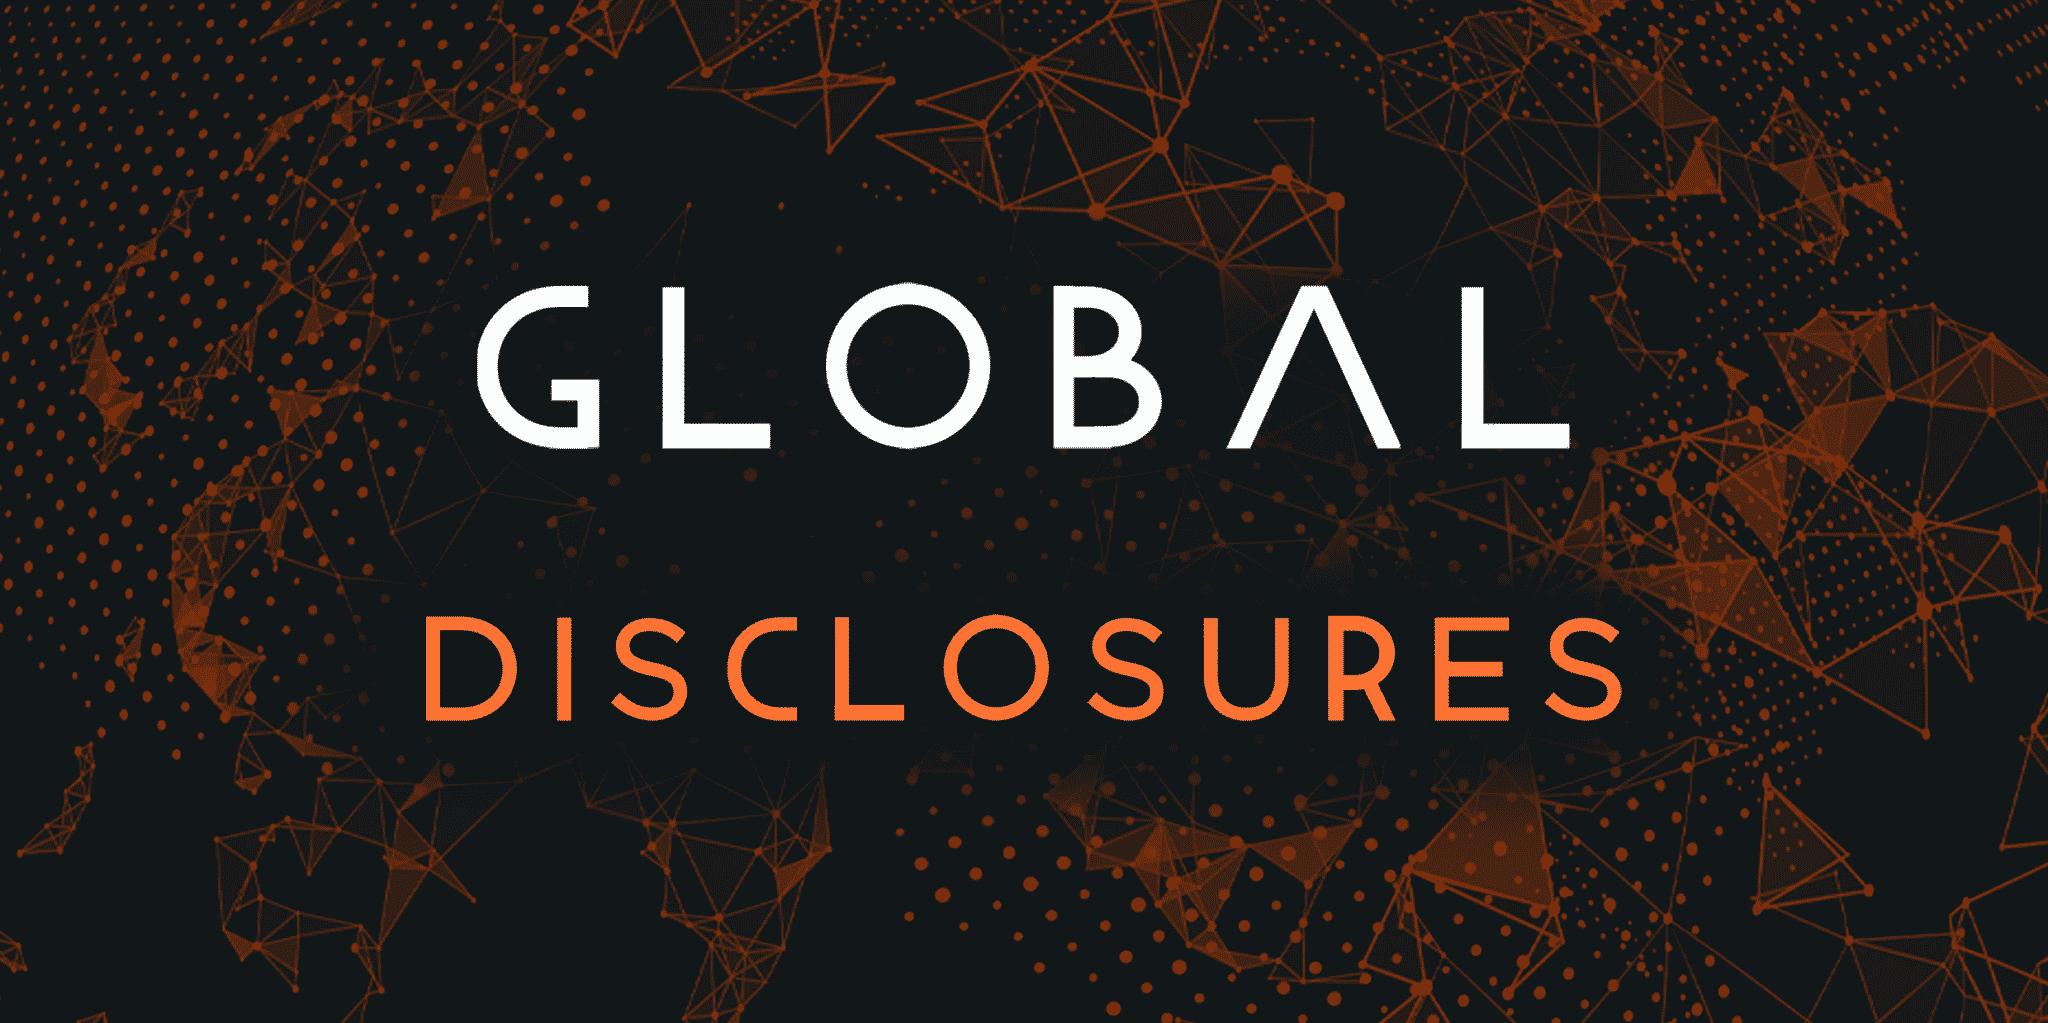 Global Disclosures